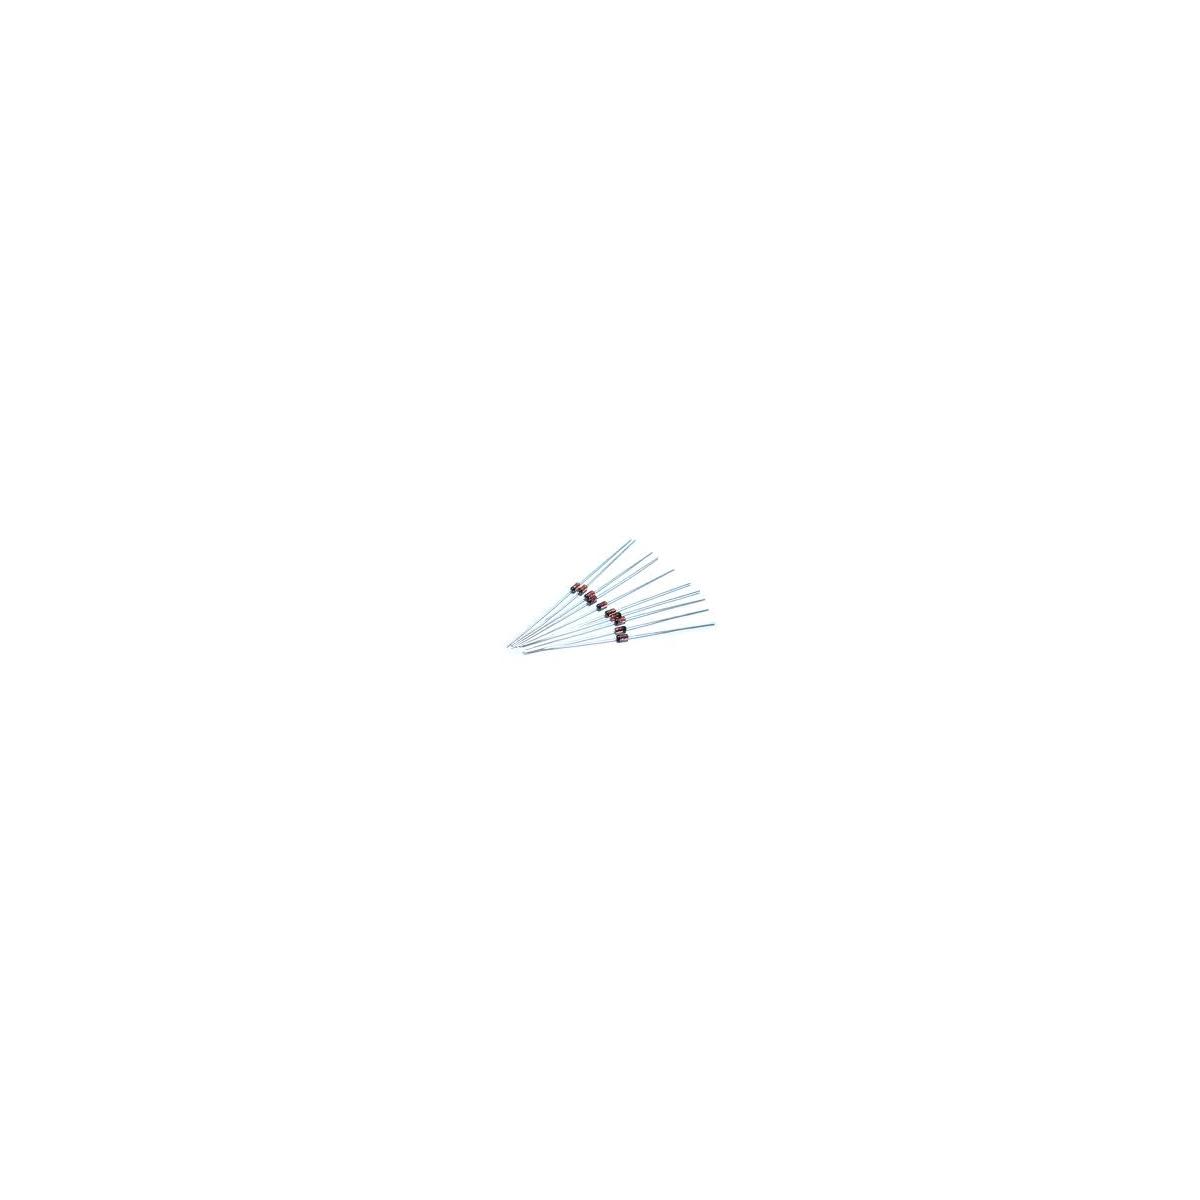 ZENNER 1W (PACOTE COM 10 UNIDADES )-1N 4738 - 8V2